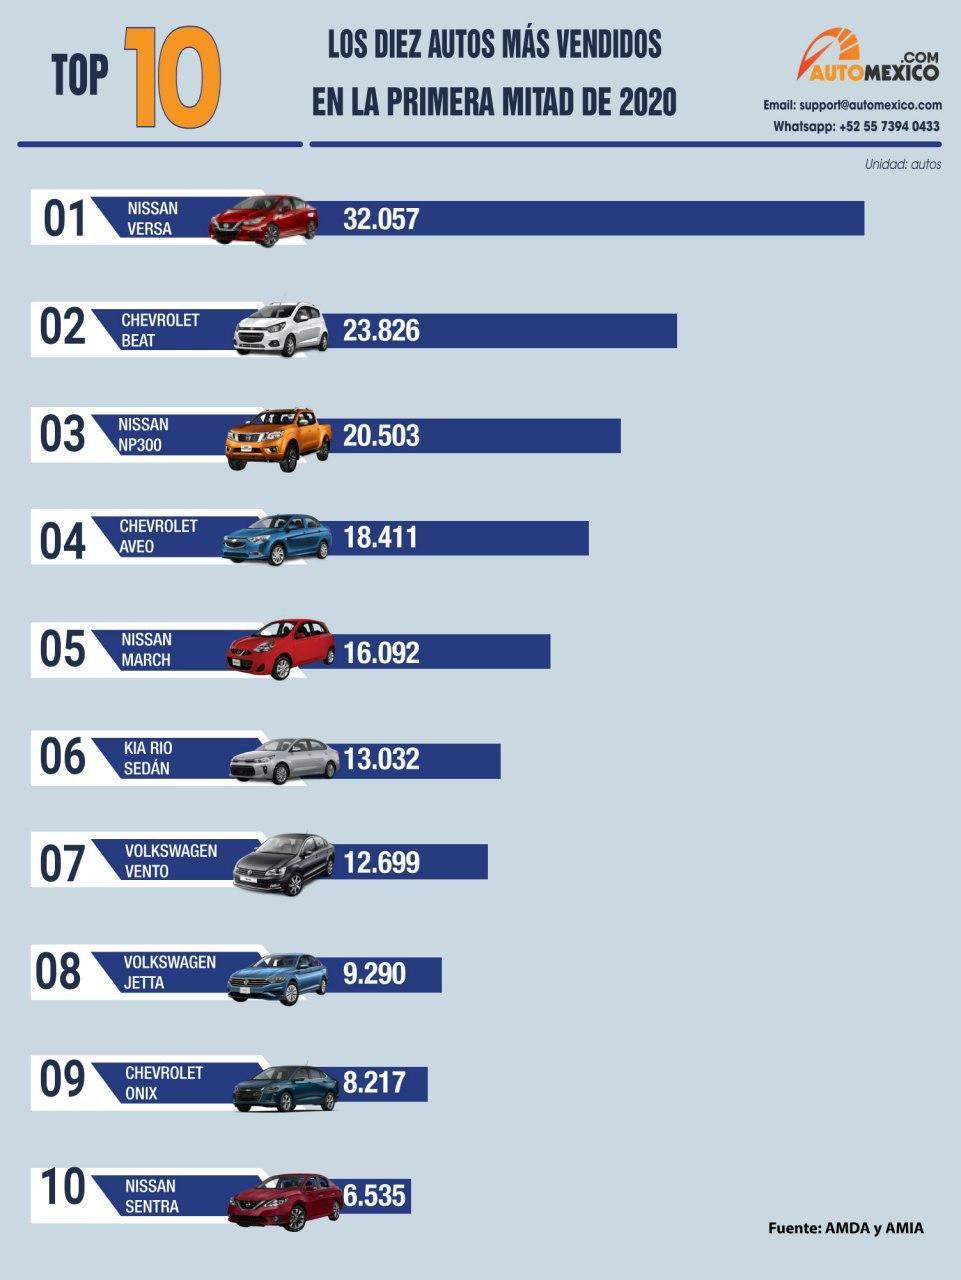 Top 10 autos más vendidos en la primera mitad de 2020